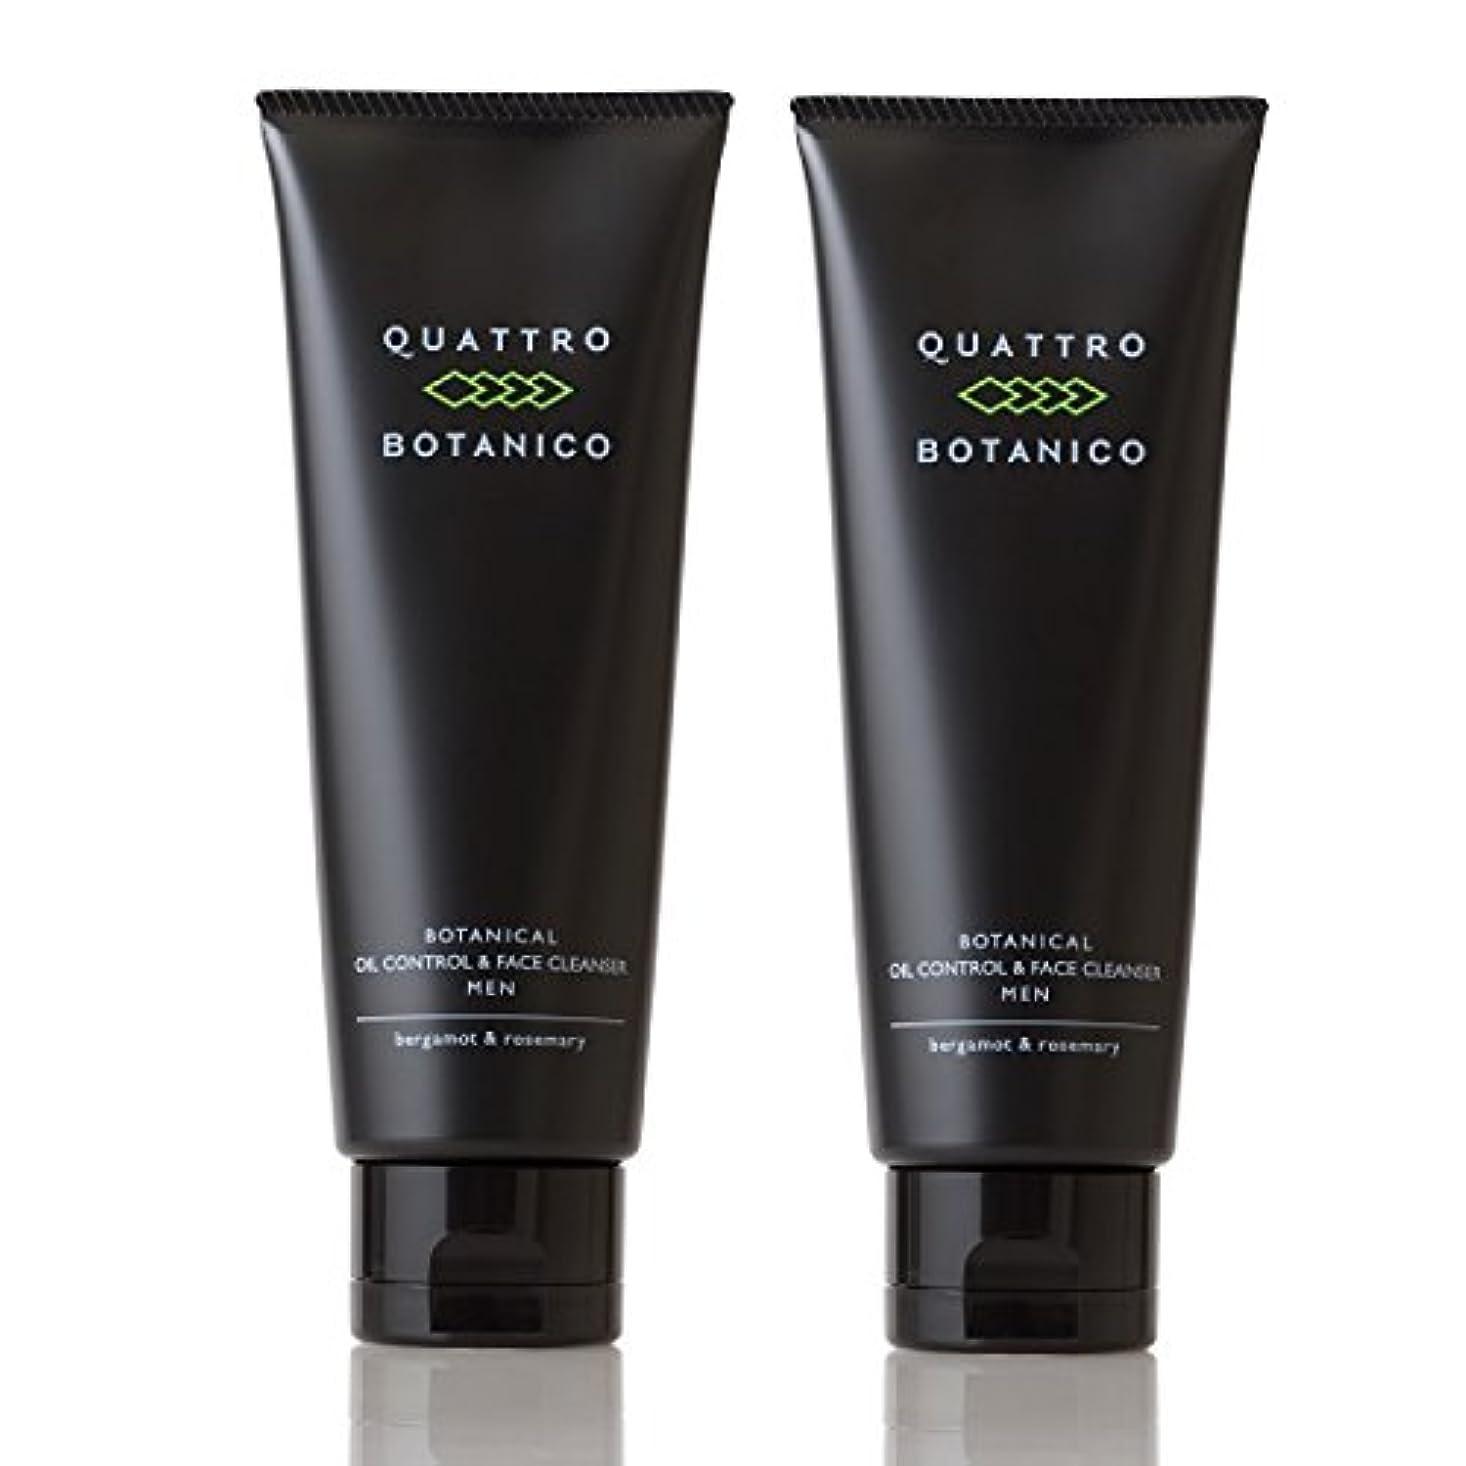 ルビー彼女の不十分なクワトロボタニコ (QUATTRO BOTANICO) 【 メンズ 洗顔 】 ボタニカル オイルコントロール & フェイスクレンザー (男性 スキンケア) 《お得な2本セット》 120g × 2本